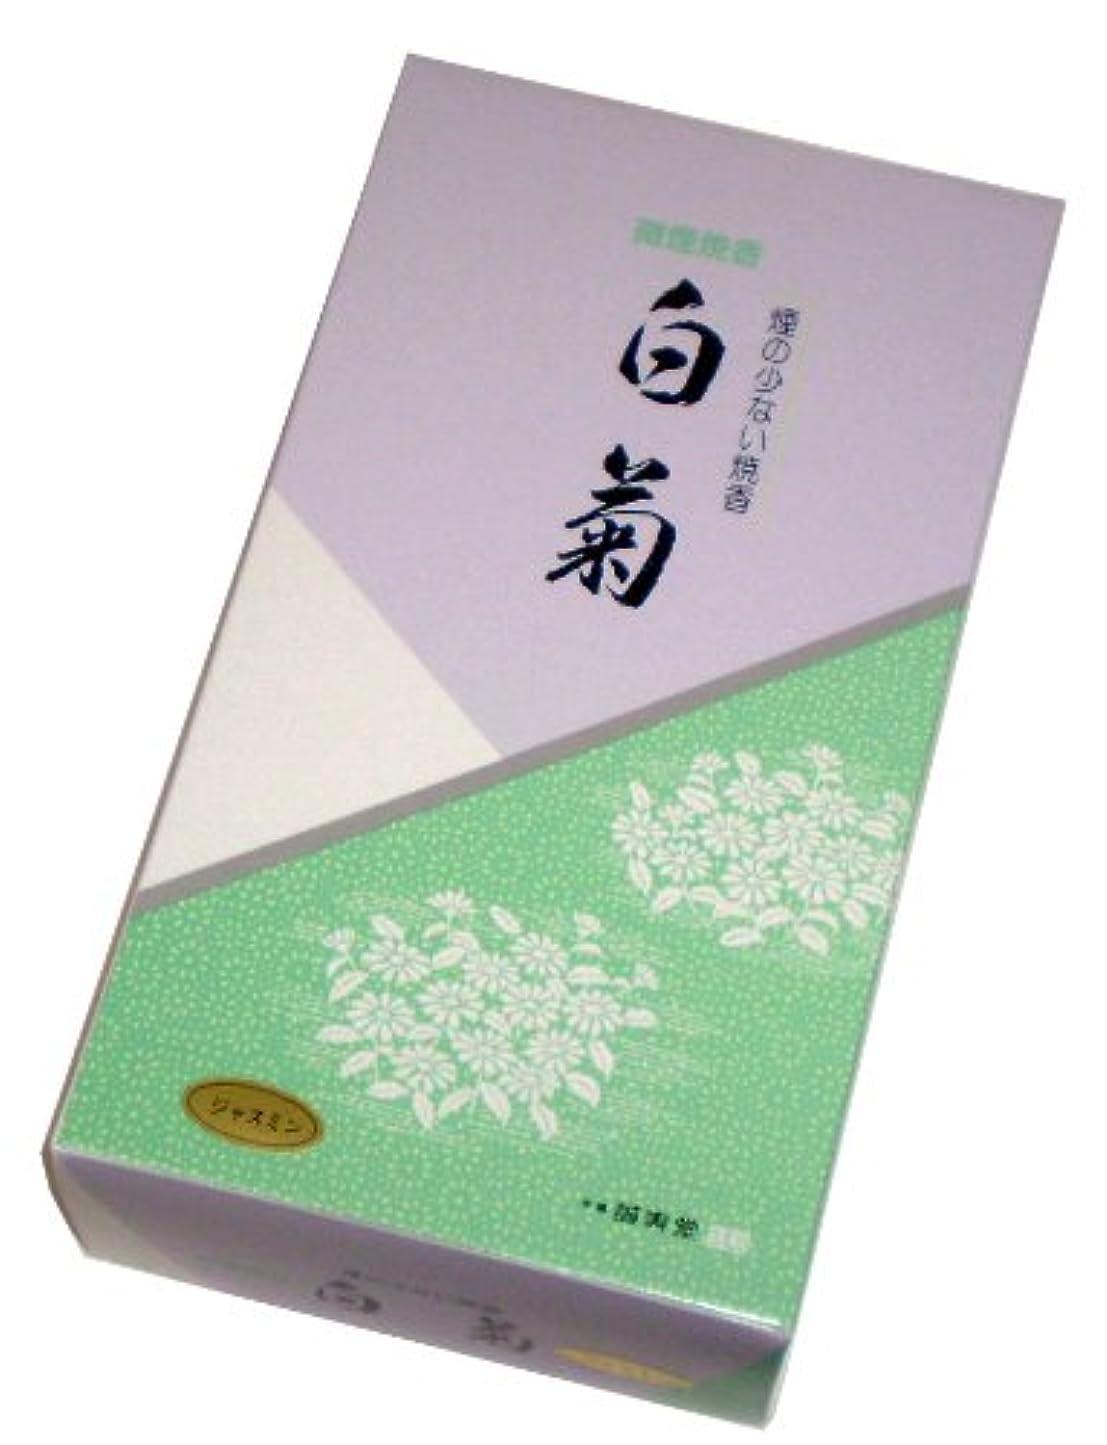 スクラッチファンネルウェブスパイダー帳面誠寿堂のお線香 微煙焼香 白菊(ジャスミン)500g #FJ21